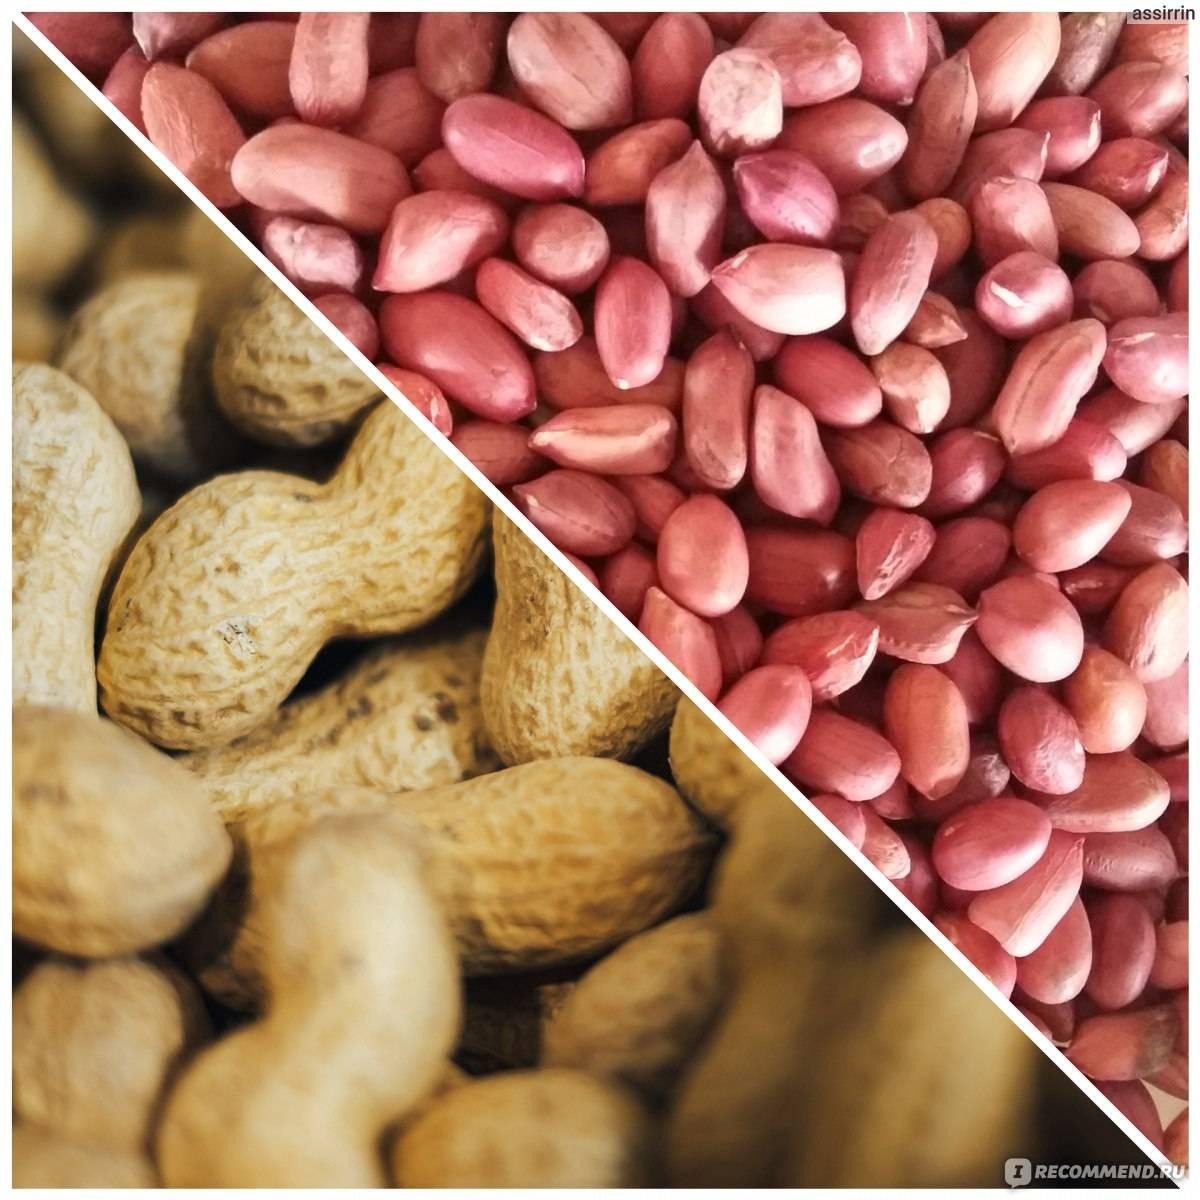 Арахис: польза и вред, приготовление, особенности применения орешков для женщин